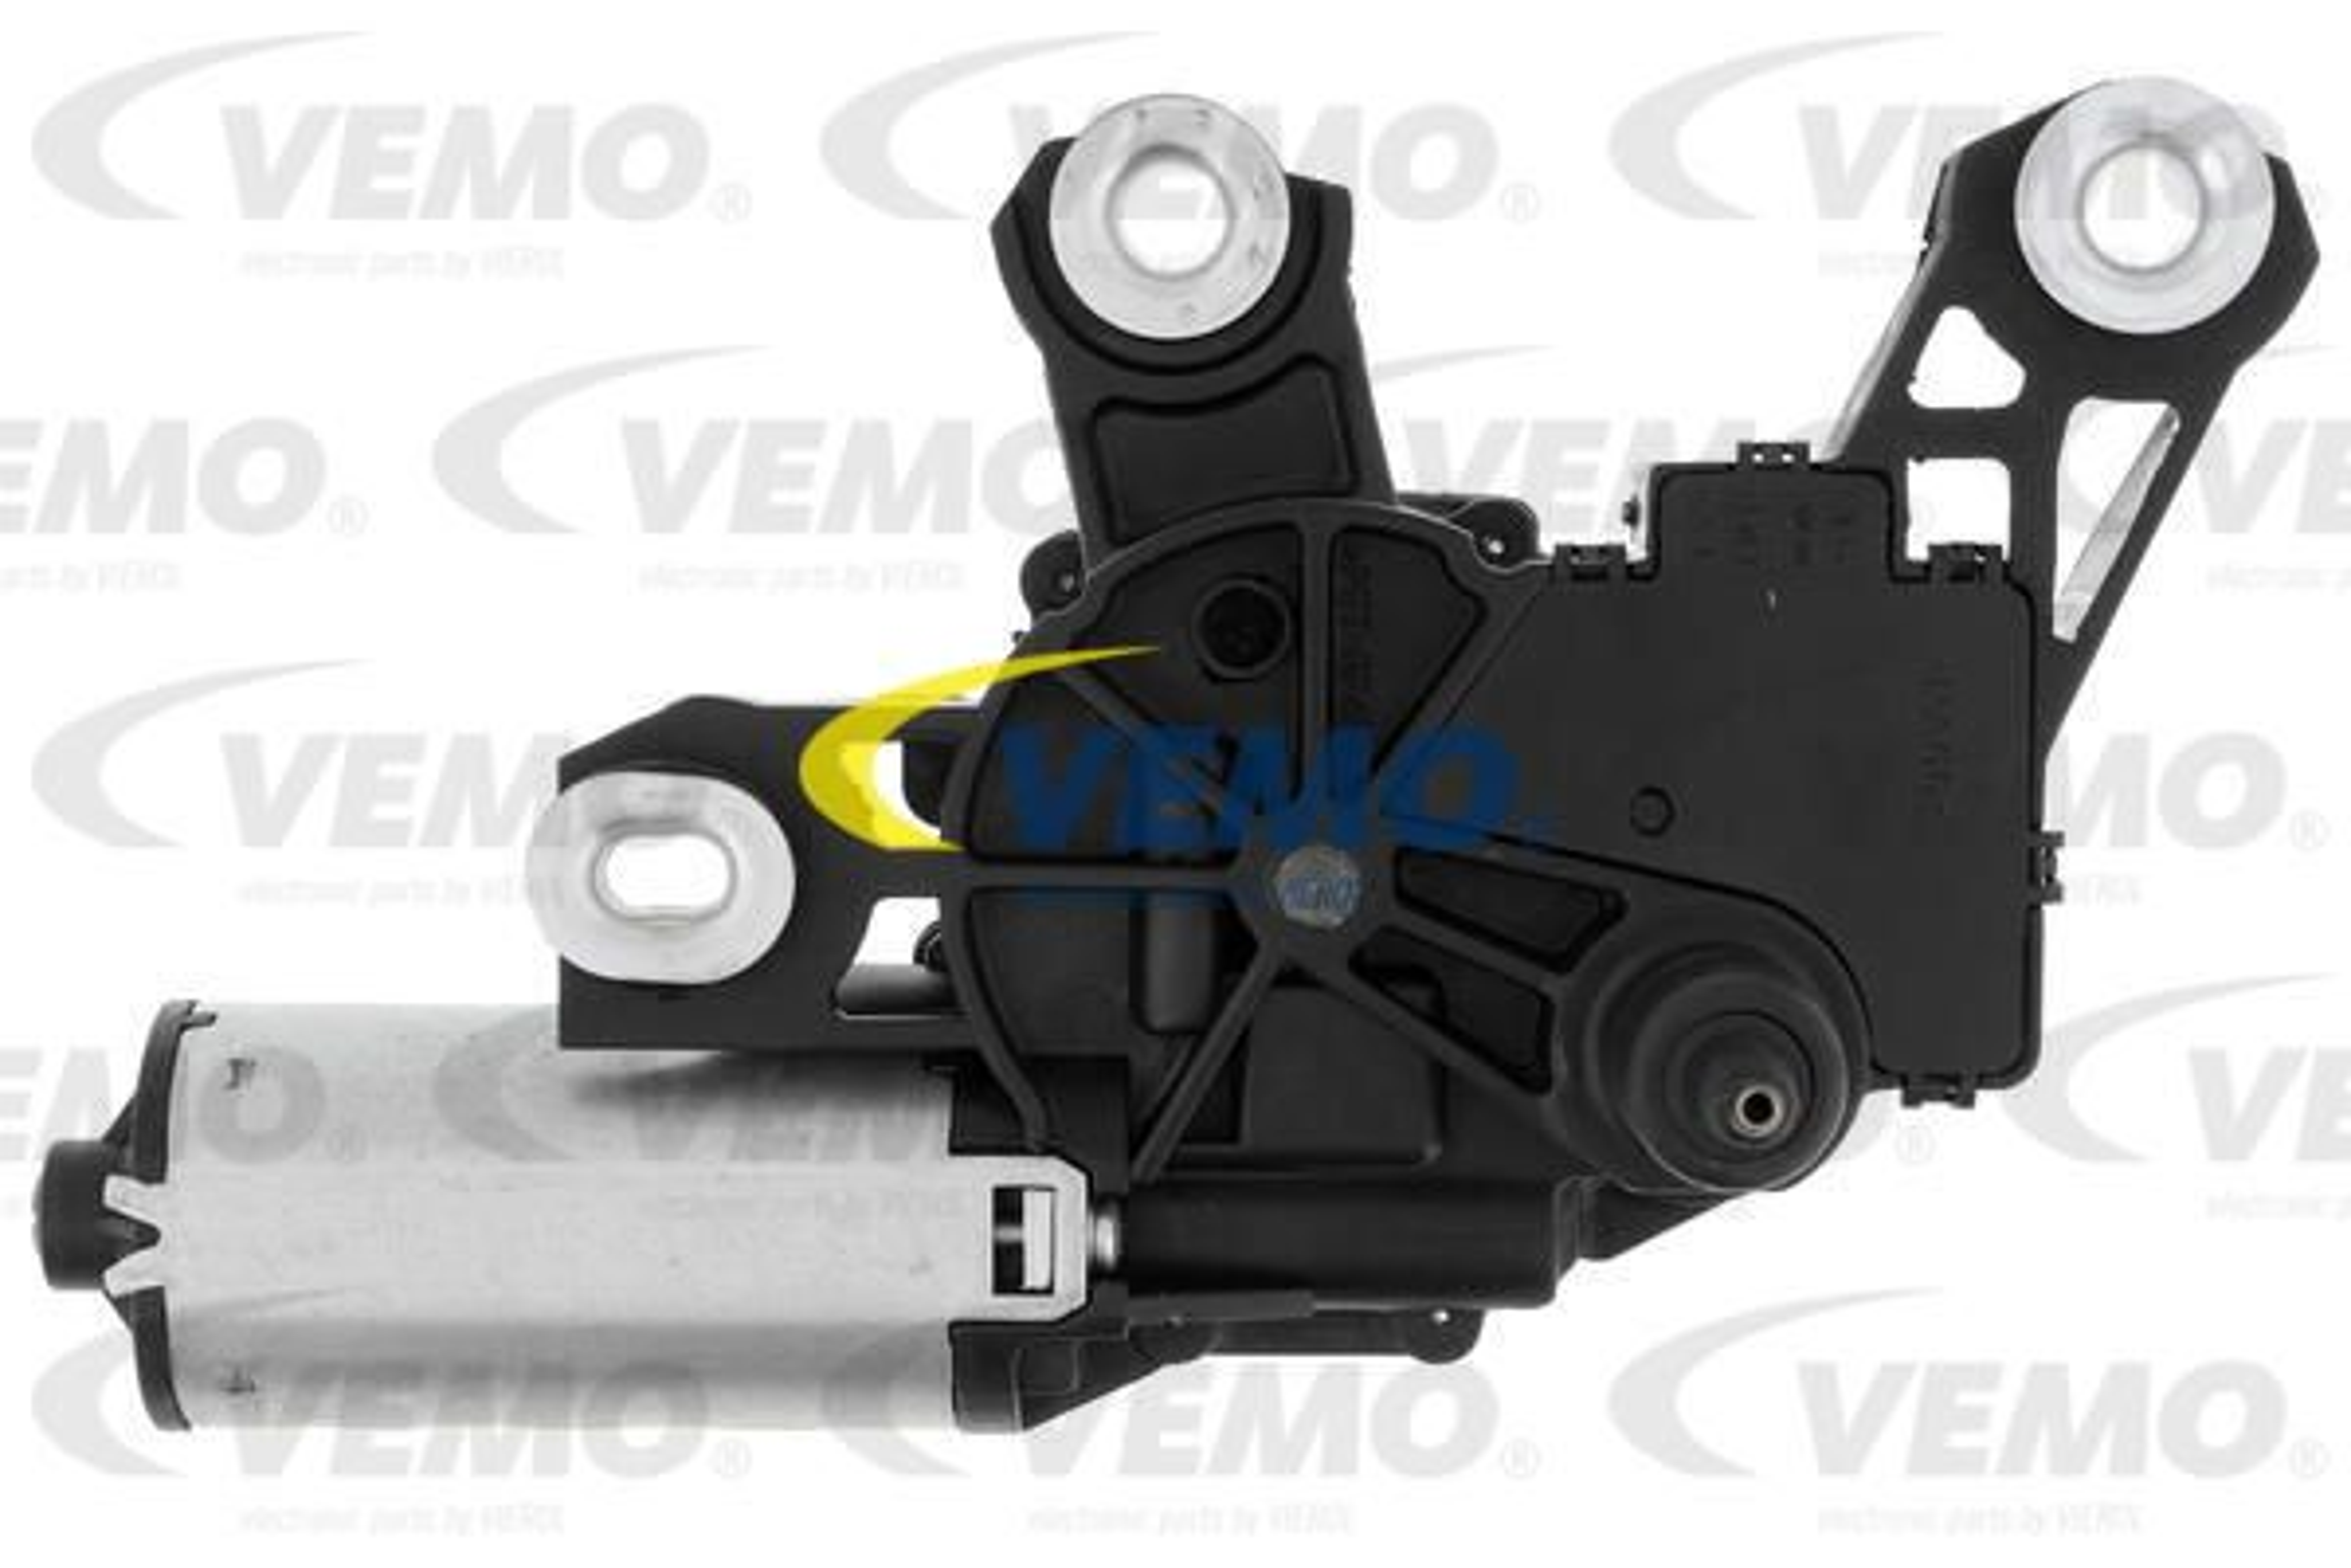 V10-07-0018 VEMO Valytuvo variklis - įsigyti internetu